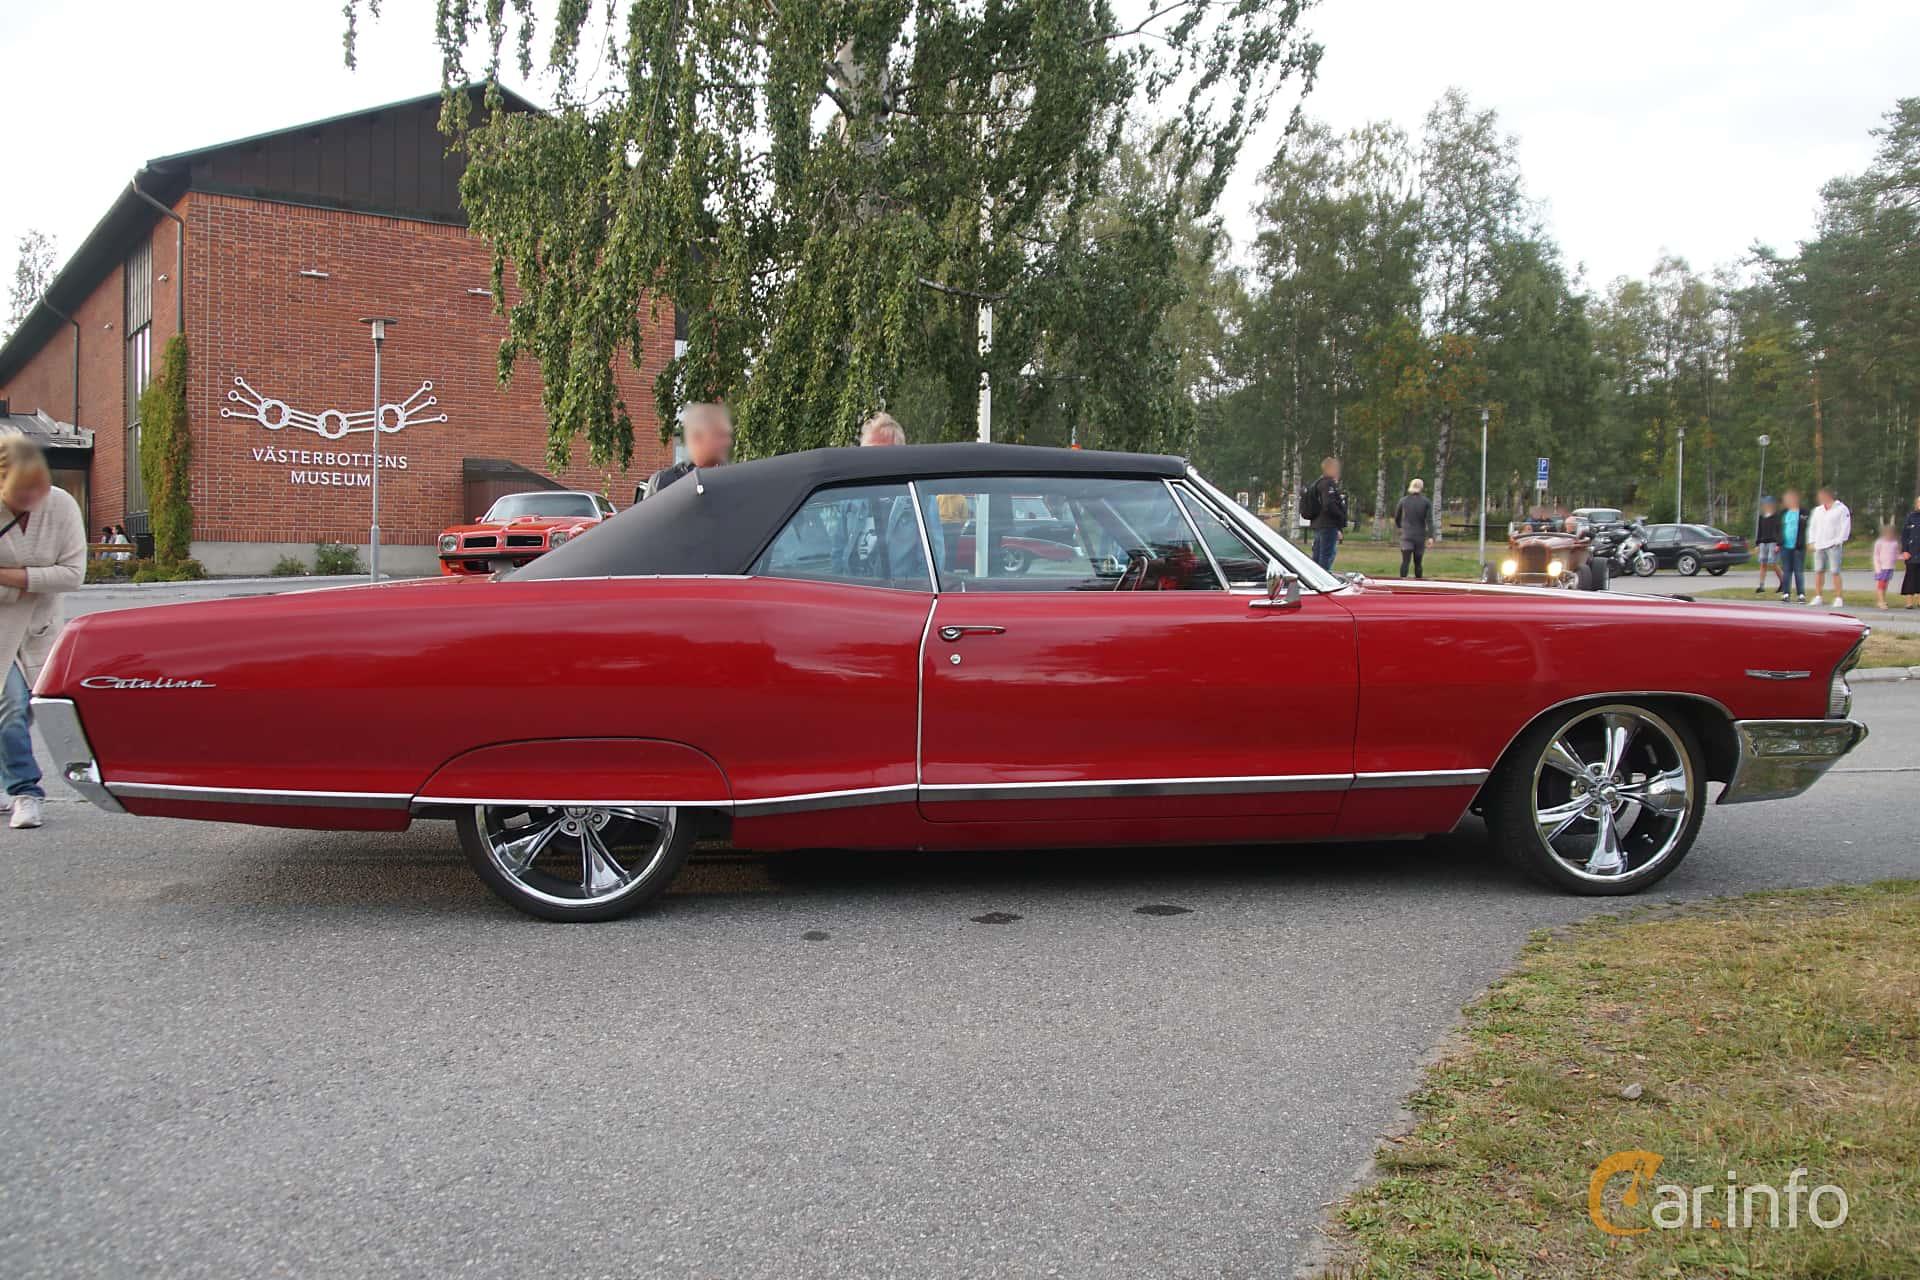 Pontiac Catalina Convertible 6.9 V8 Hydra-Matic, 343hp, 1965 at Onsdagsträffar på Gammlia Umeå 2019 vecka 32